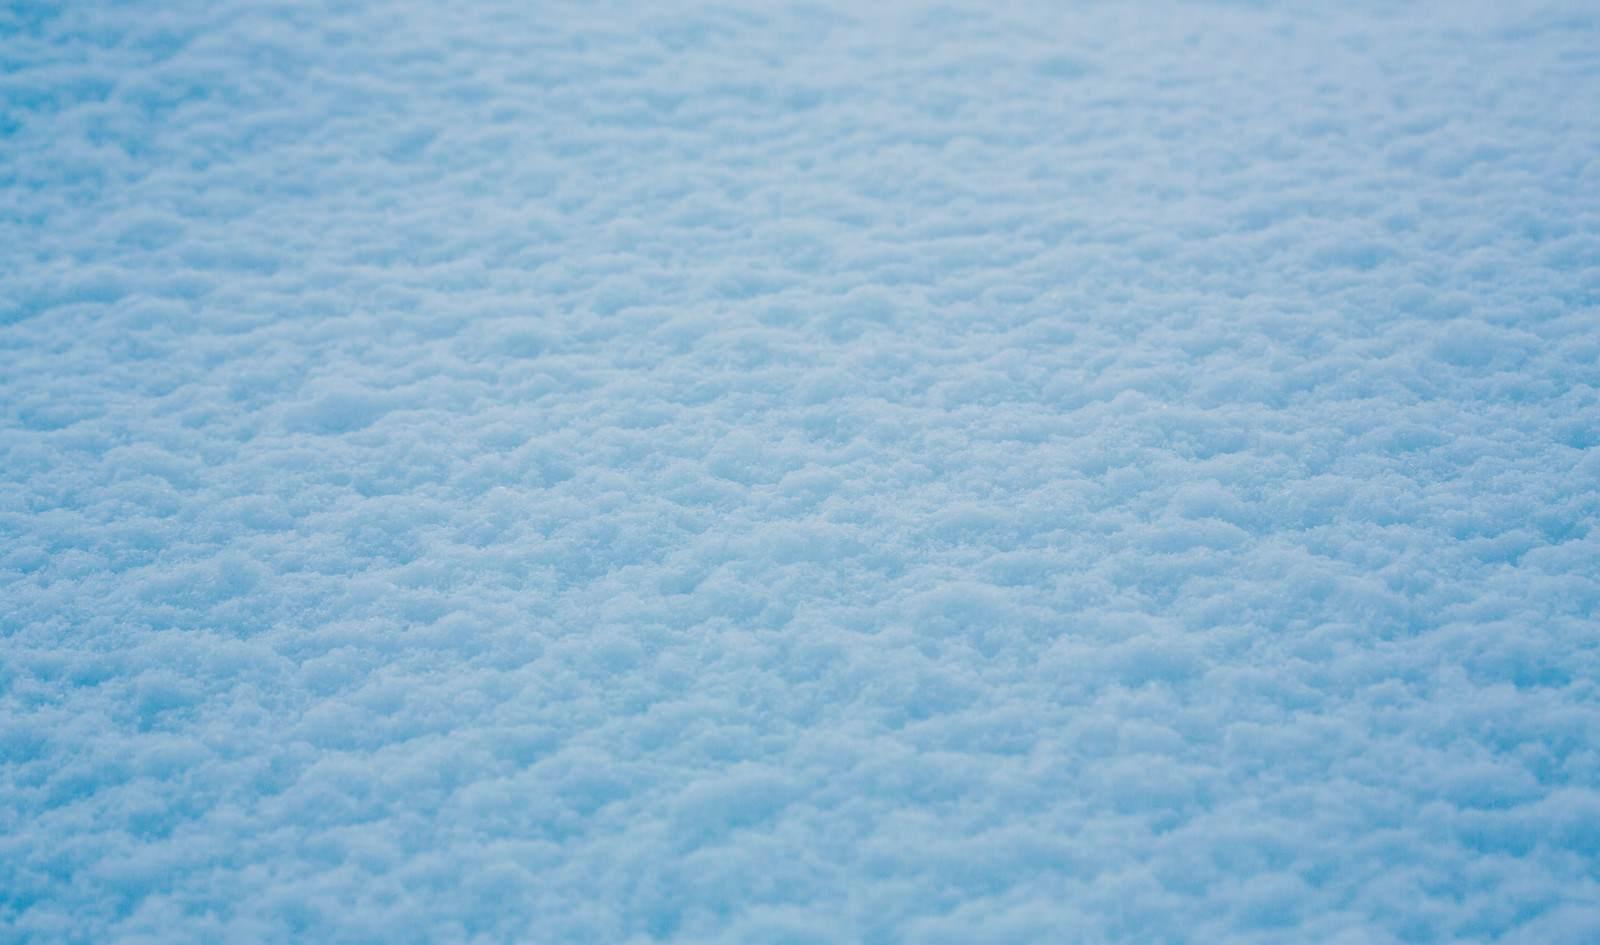 「積もった雪」の写真